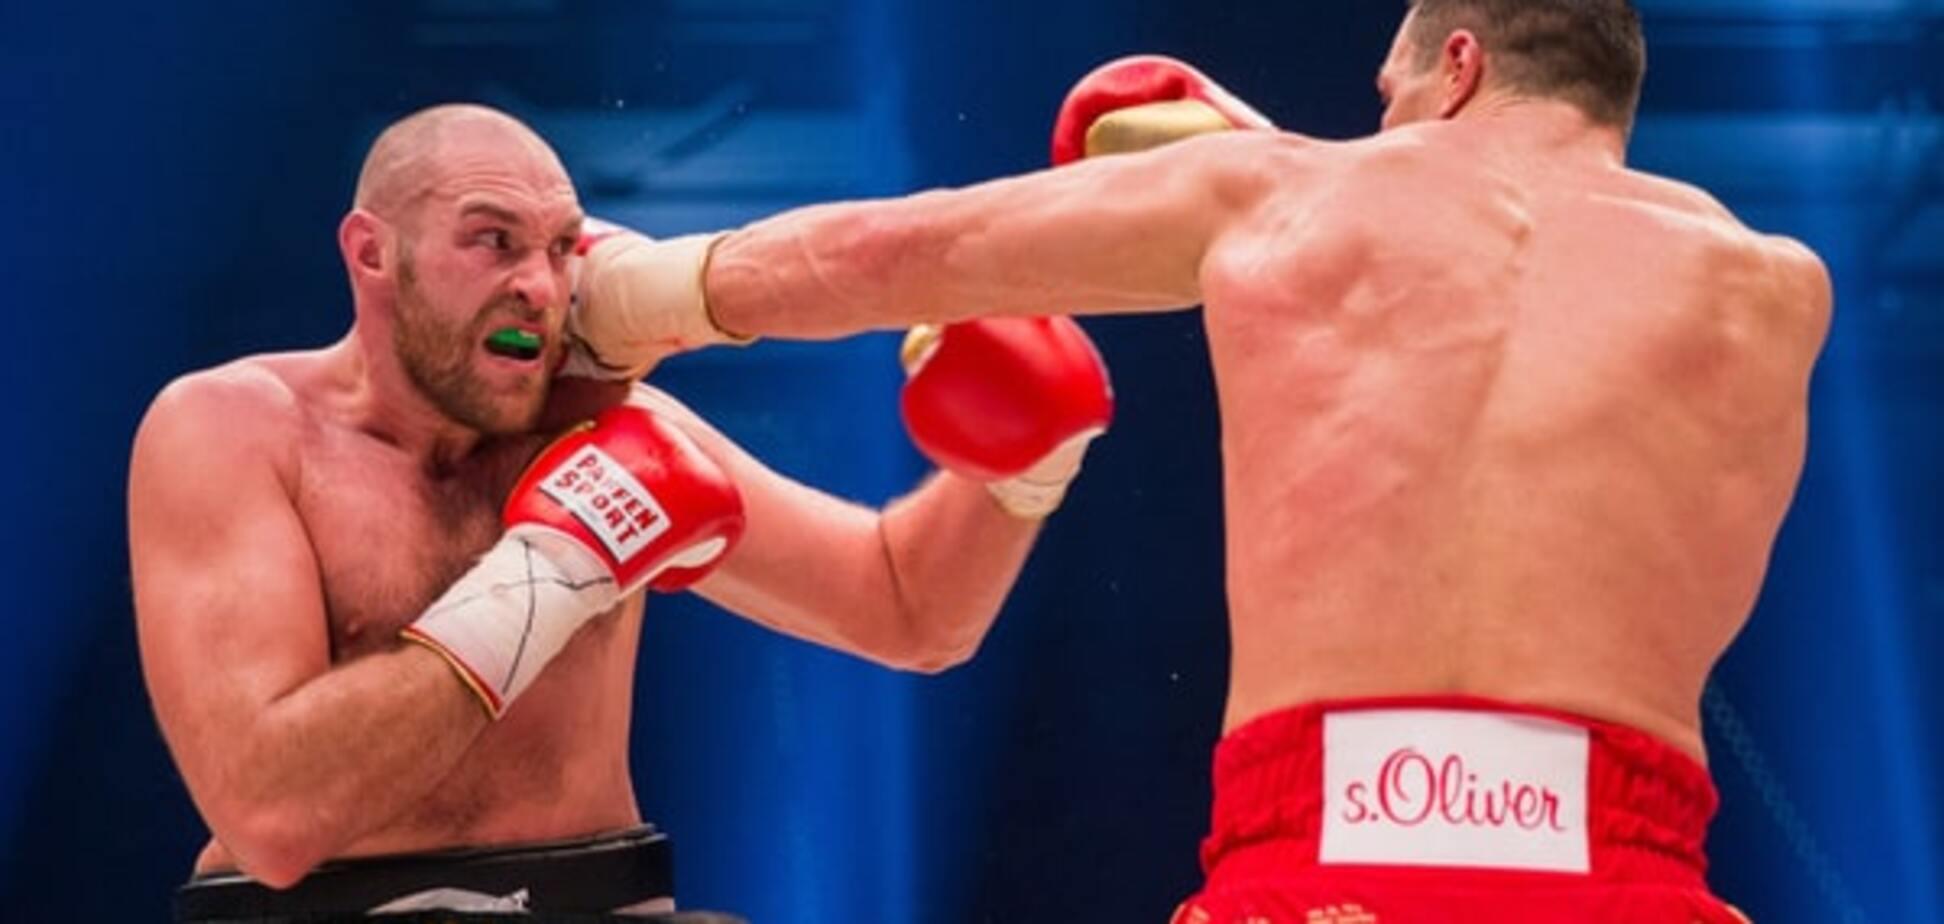 Підстава від IBF: реванш Кличко - Ф'юрі опинився під загрозою зриву